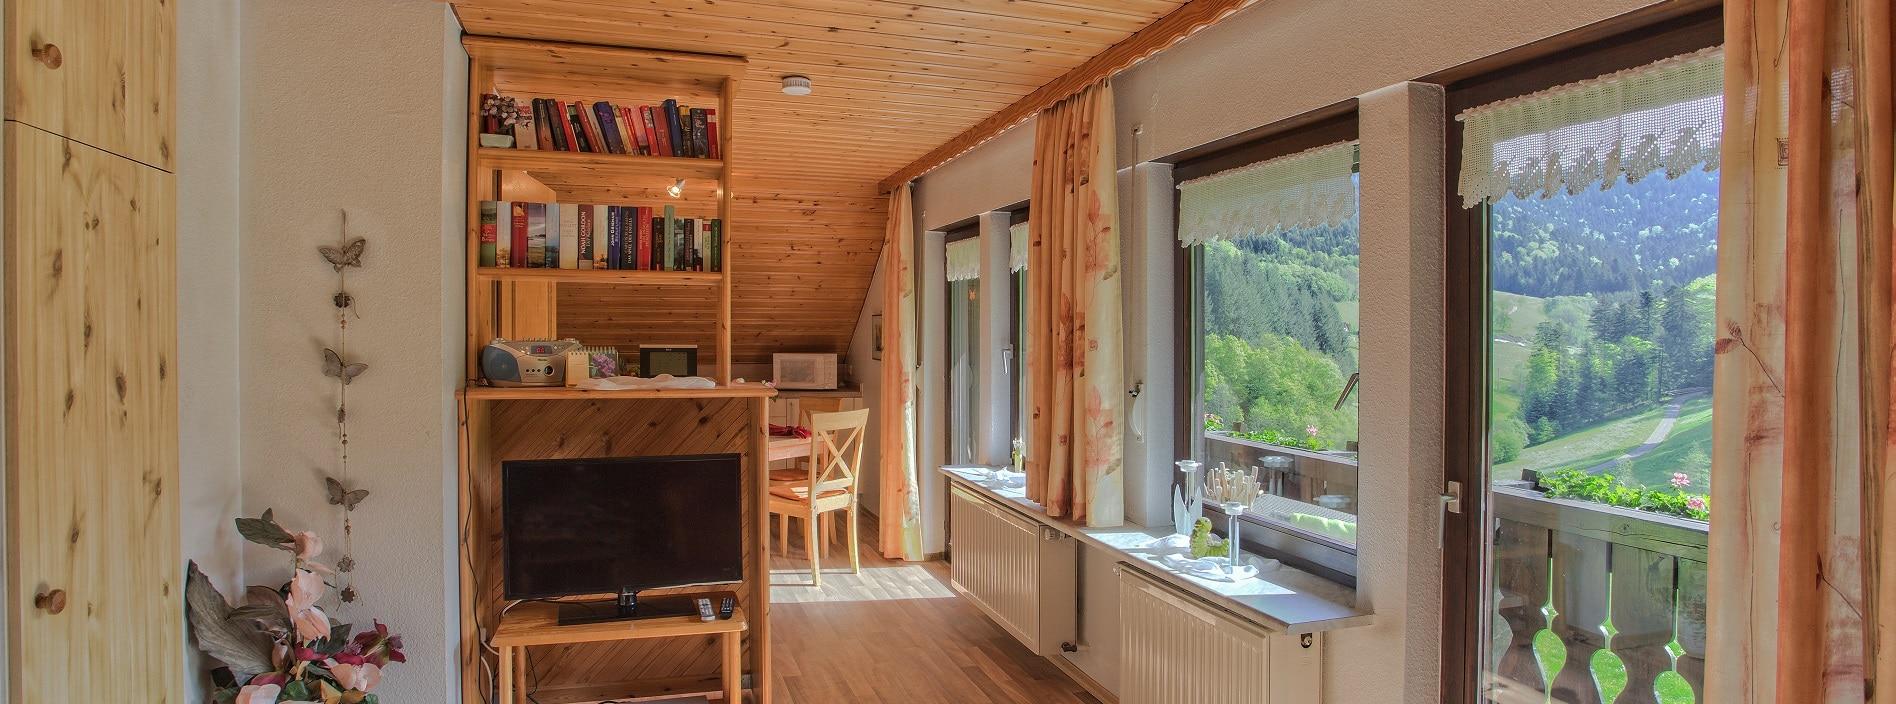 Wohnzimmer Ferienwohnung mit Waldblick